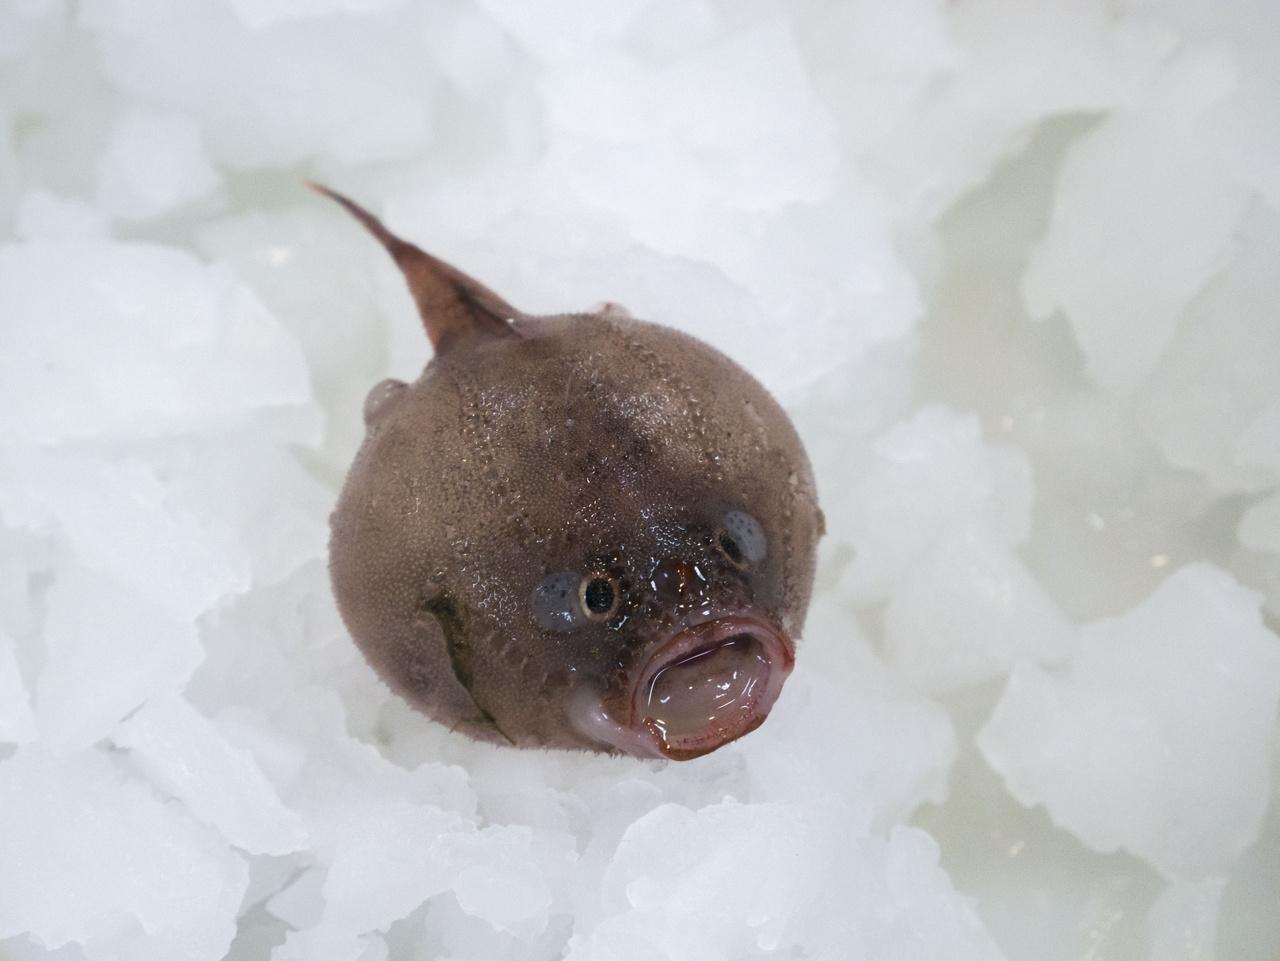 A koporsóhal alapjáraton se túl barátságos, de ha veszélyt érez, felfújja magát, hogy félelmetesebbnek tűnjön.